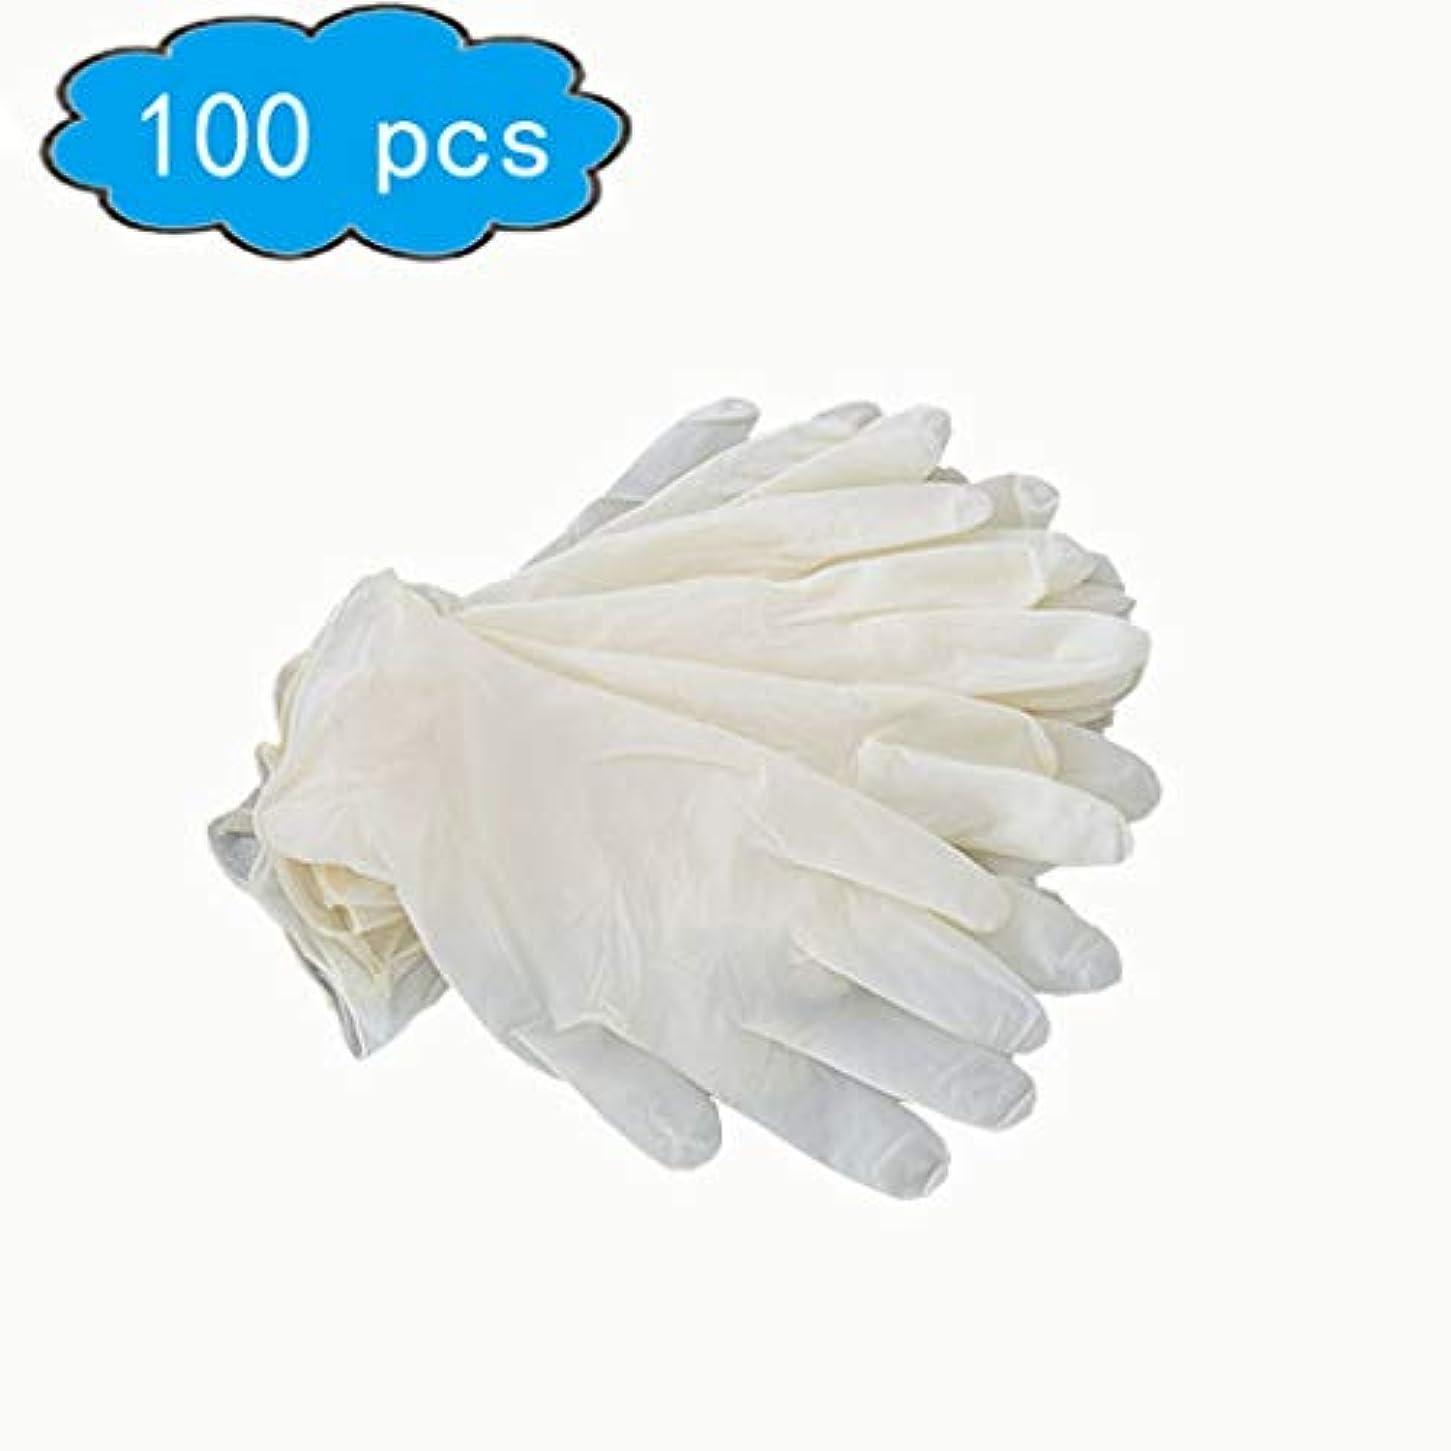 ブロックするアスペクト評価するラテックスゴム手袋パウダーフリー/使い捨て食品調理用手袋/キッチンフードサービスクリーニンググローブサイズ中型、100個入り、応急処置用品 (Color : Beige, Size : L)